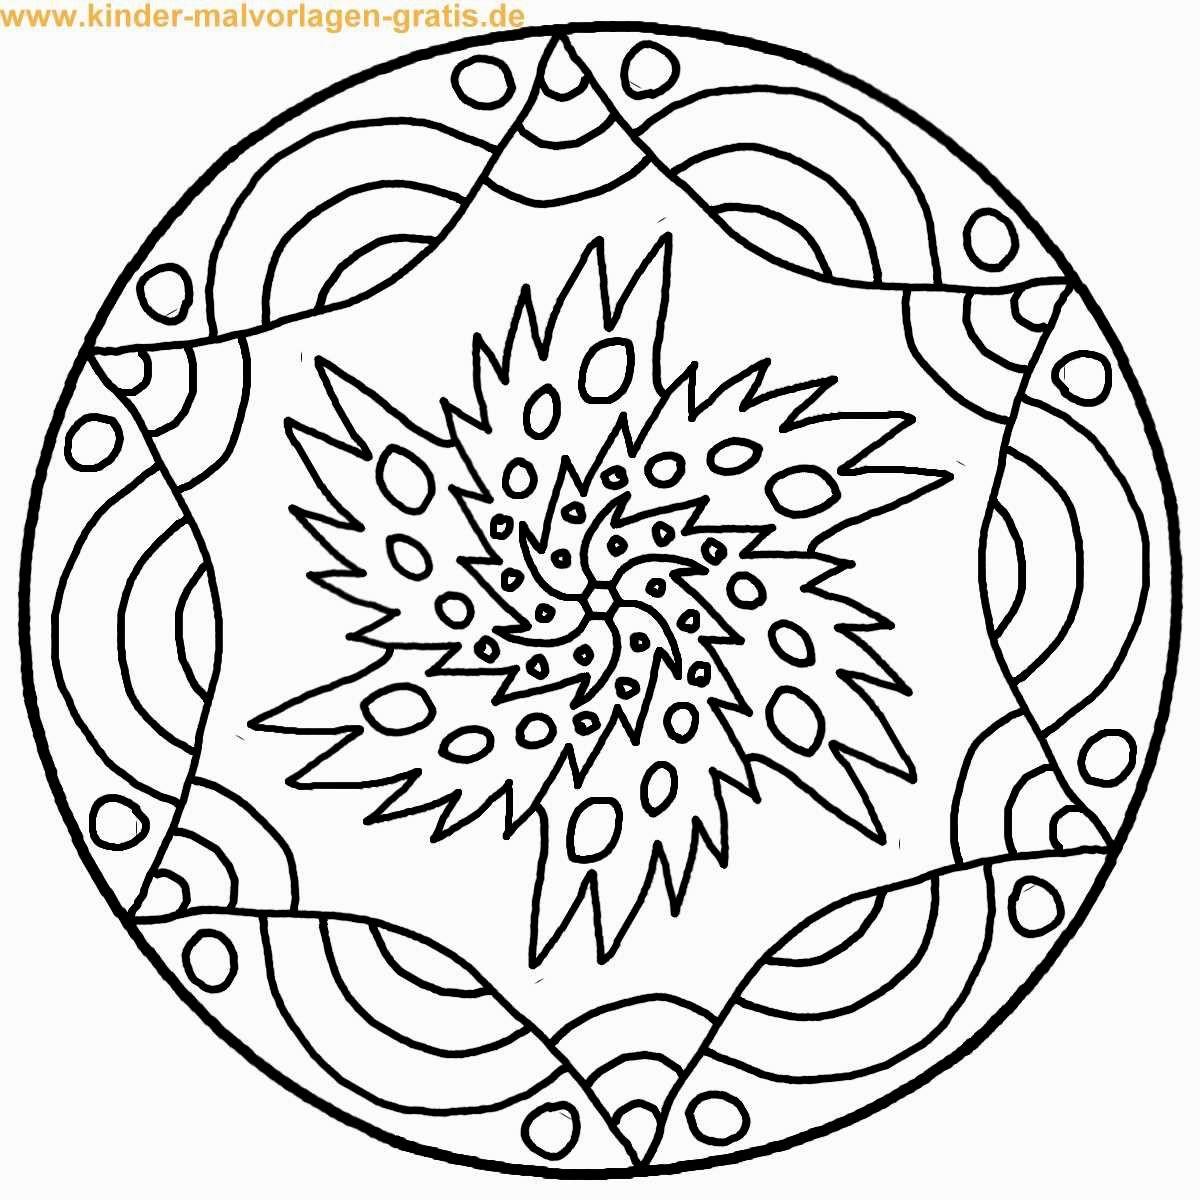 Ausmalbilder Herbst Eichh̦rnchen Einzigartig Ausmalbilder Herbst Mandala РAusmalbilder Webpage Das Bild